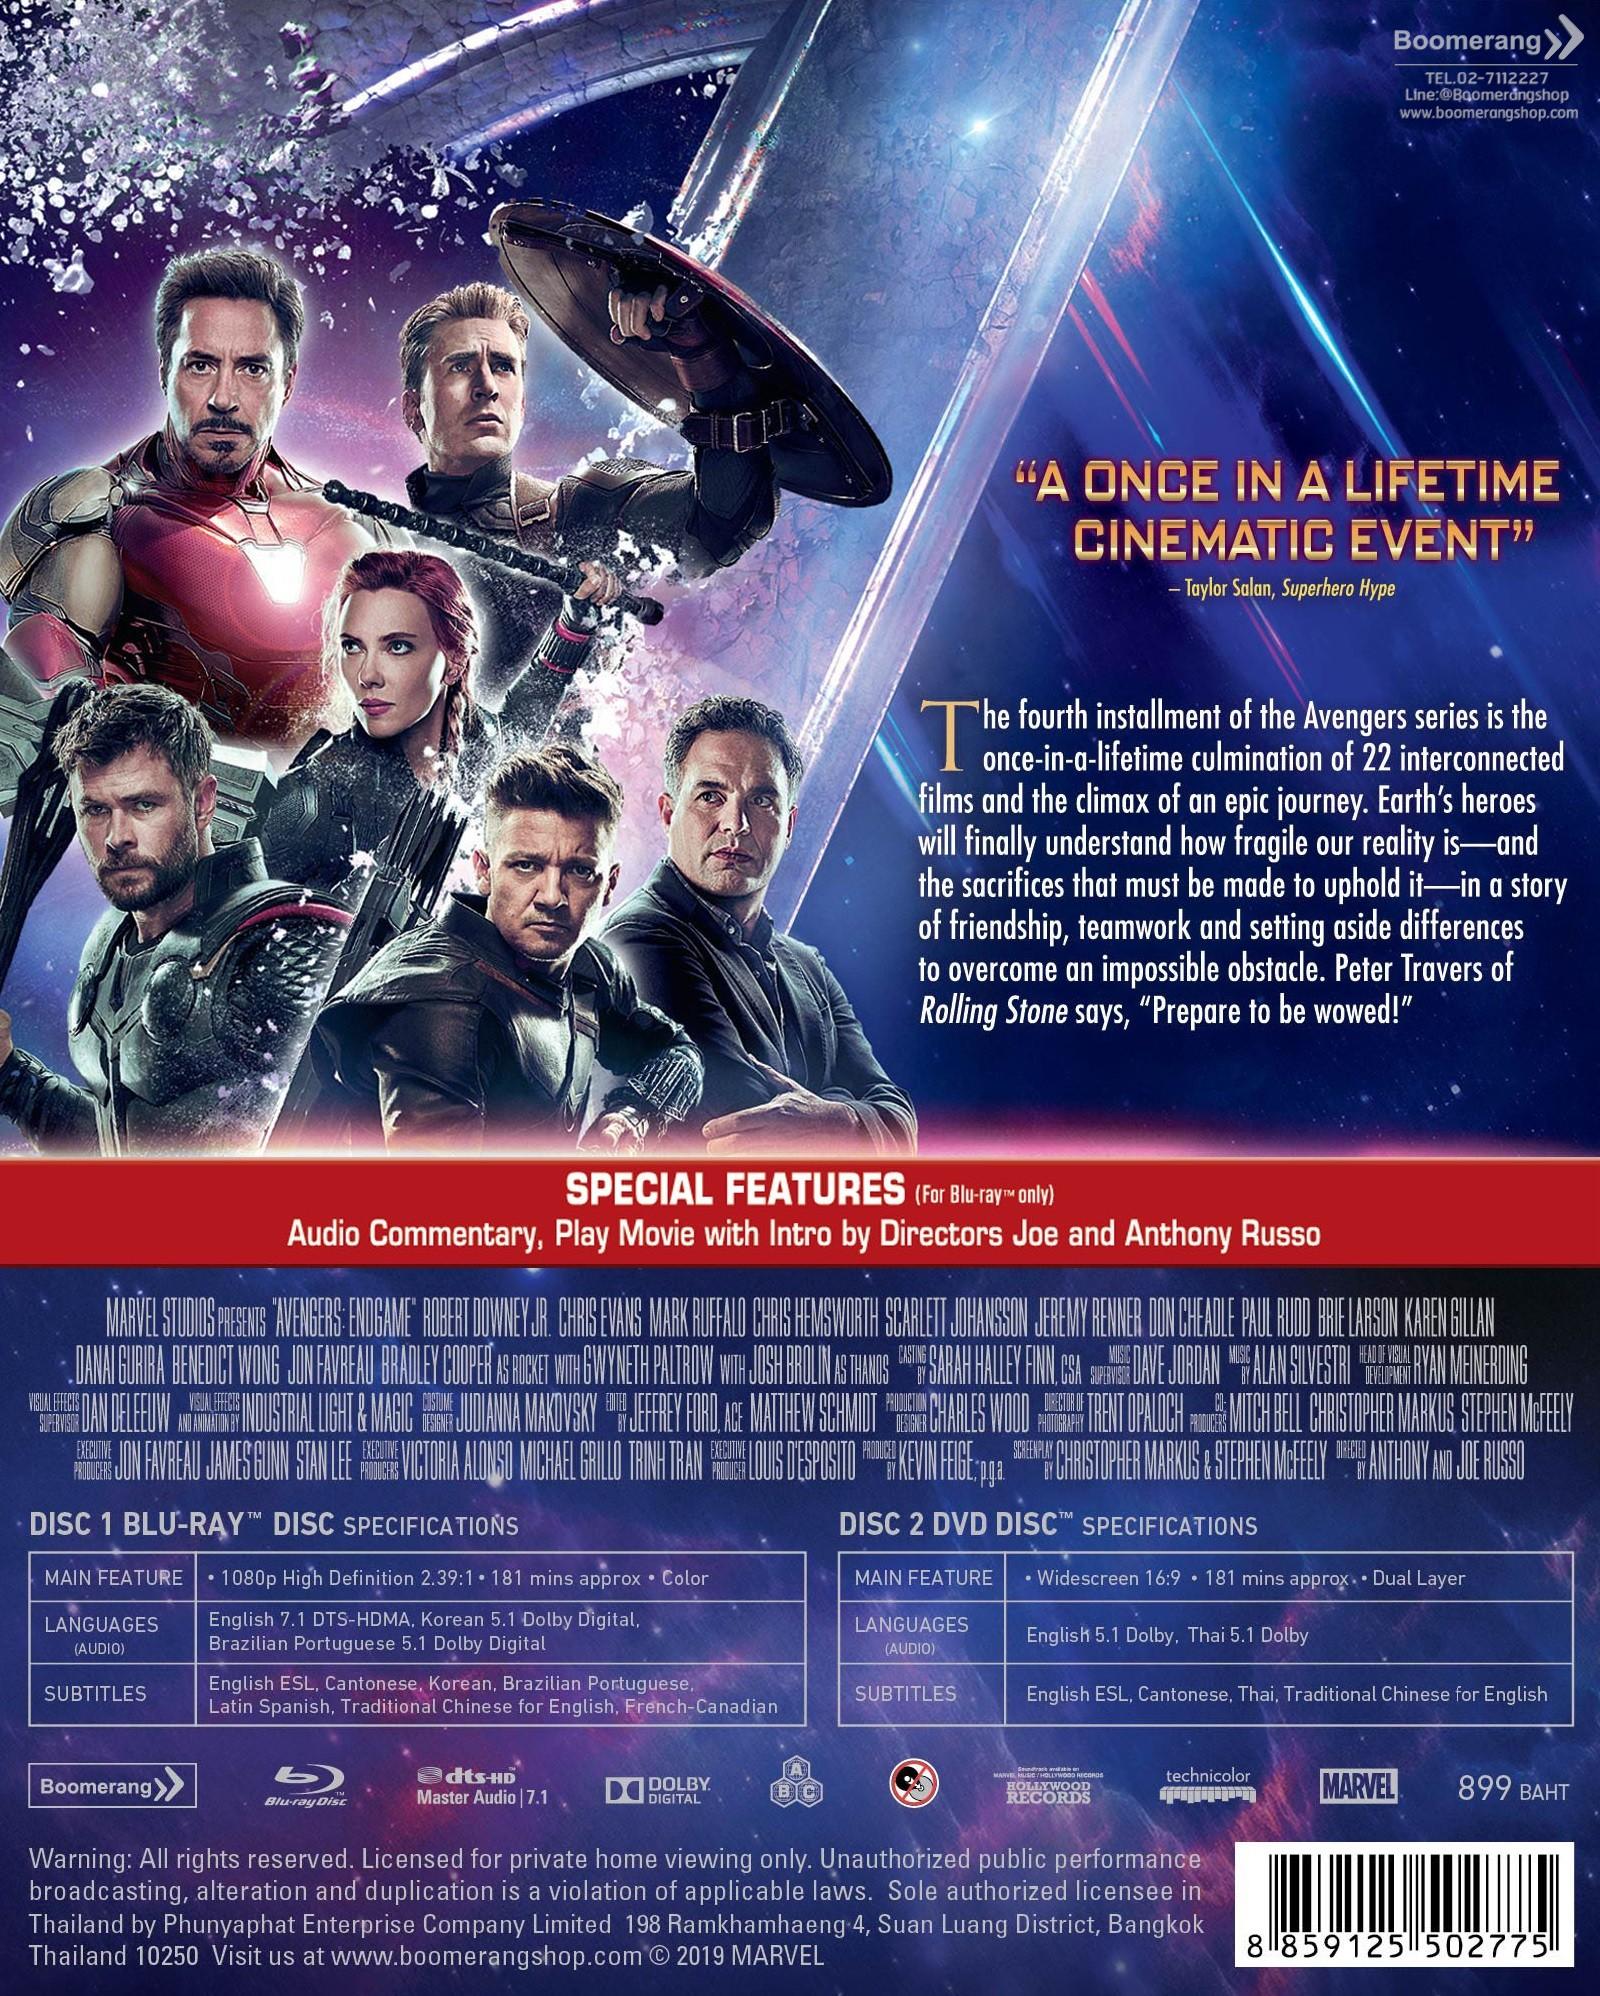 """Avengers Endgame À¸à¹€à¸§à¸™à¹€à¸ˆà¸à¸£ À¸ª À¹€à¸œà¸"""" À¸ˆà¸¨ À¸ Blu Ray Dvd Bd À¹""""ม À¸¡ À¹€à¸ª À¸¢à¸‡à¹""""ทย À¹""""ม À¸¡ À¸‹ À¸šà¹""""ทย Dvd À¸¡ À¹€à¸ª À¸¢à¸‡à¹""""ทย À¸‹ À¸šà¹""""ทย Boomerangshop Com Thailand Online Blu Ray Dvd Cd Store"""